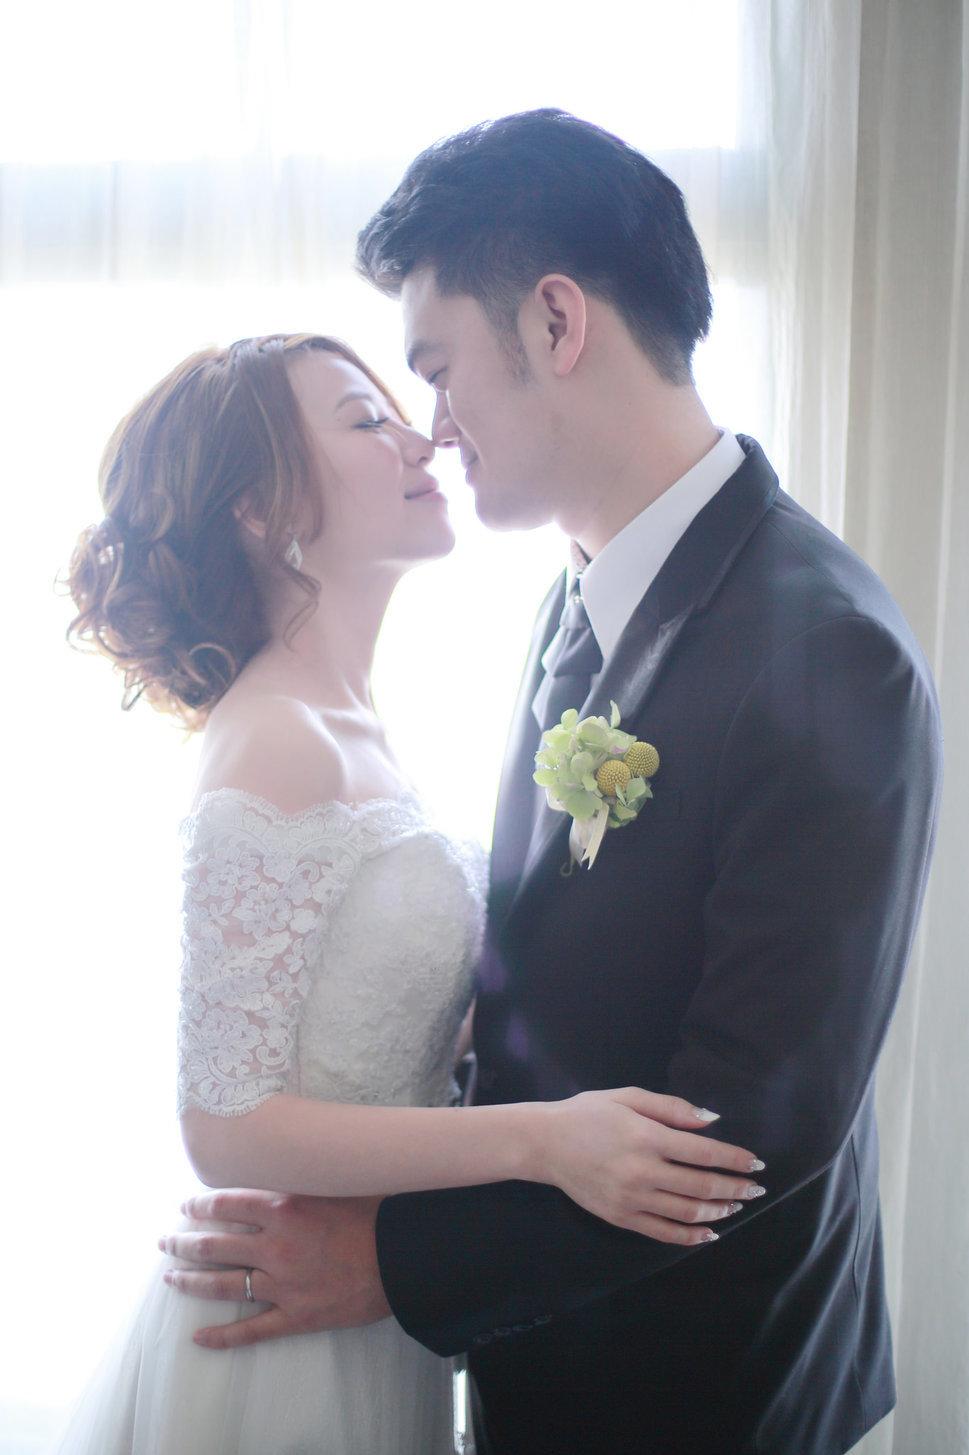 婚禮紀錄(編號:5302) - AC Photography - 結婚吧一站式婚禮服務平台